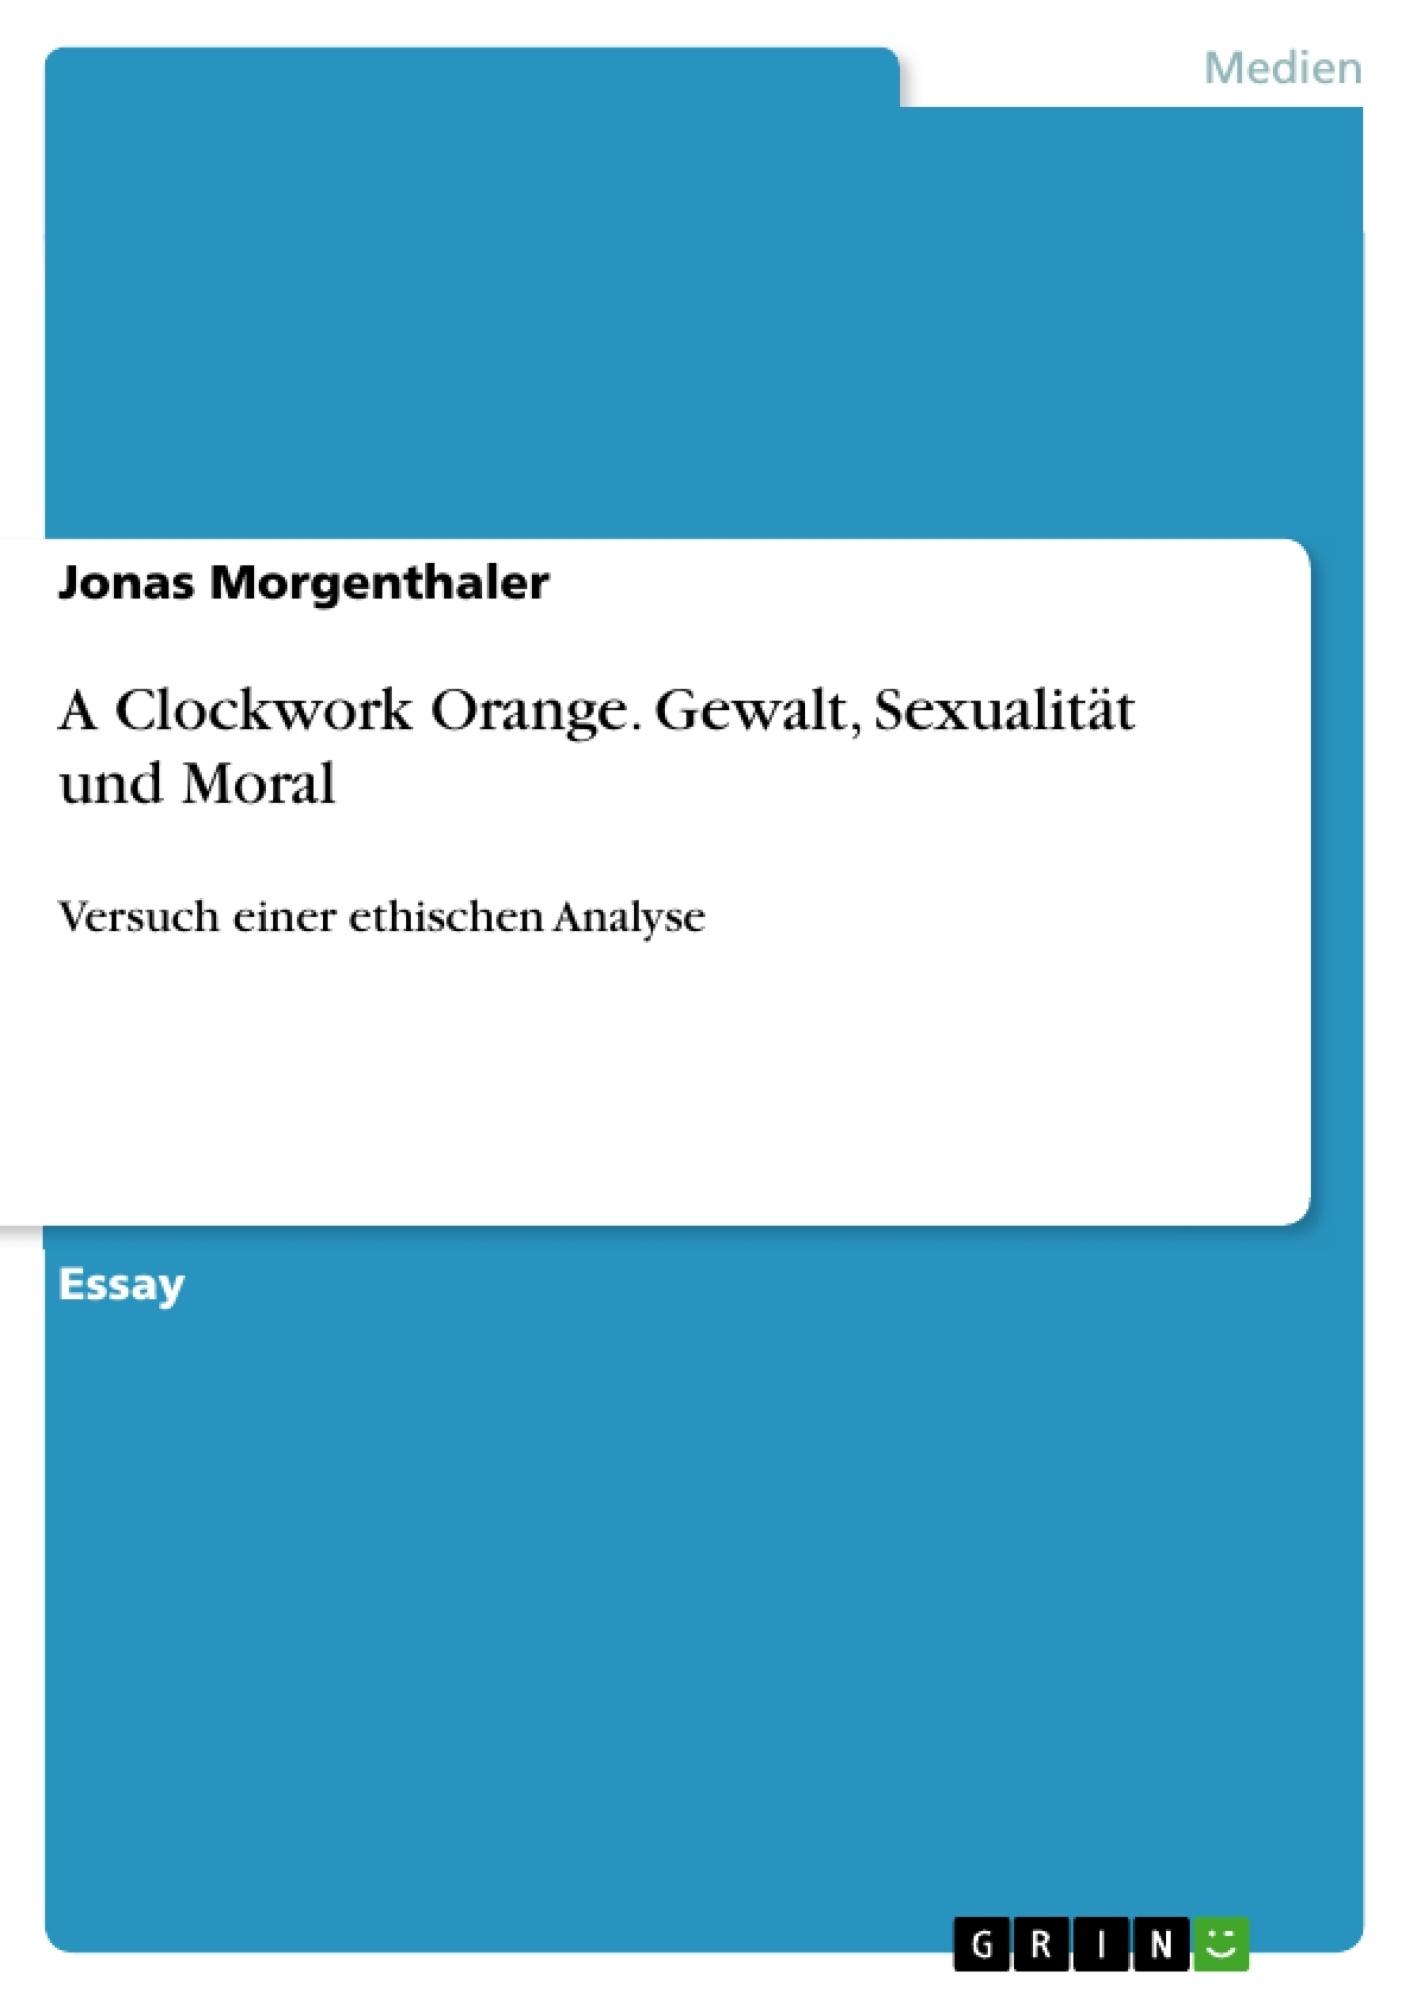 Titel: A Clockwork Orange. Gewalt, Sexualität und Moral